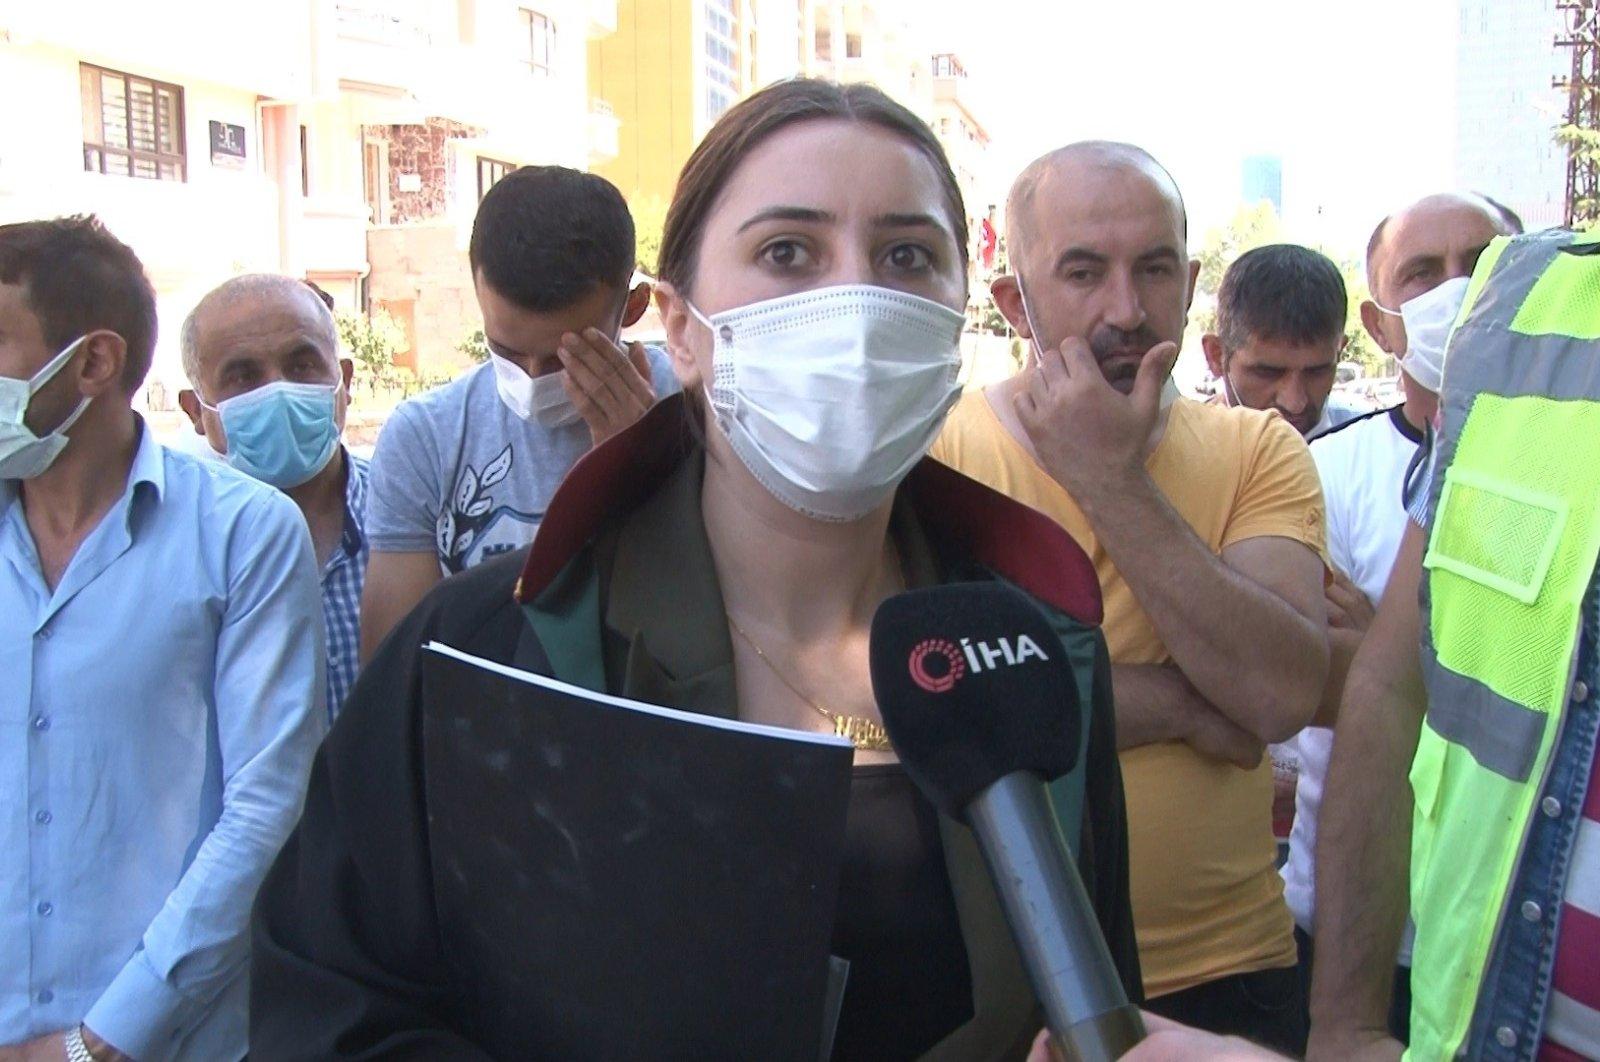 Lawyer Havvanur Gölveren speaks to Ihlas News Agency (IHA) on the employees' dismissal, Ankara, Turkey, July 1, 2021. (IHA Photo)